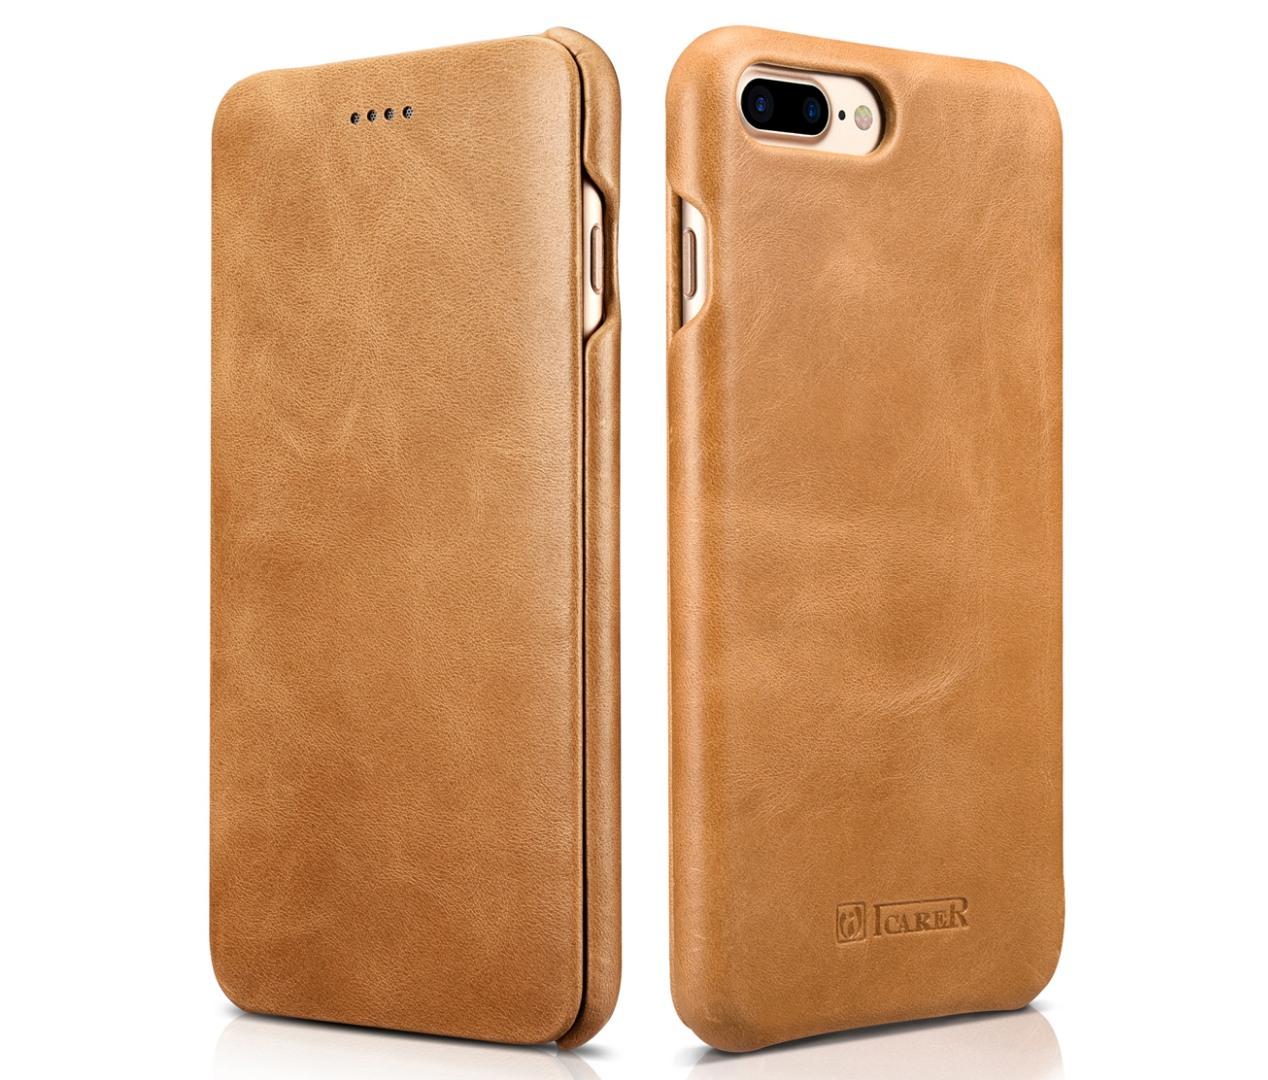 Husa piele naturala, tip carte cu clapeta curbata, iPhone 8 Plus / 7 Plus - iCarer Vintage Curved, Camel